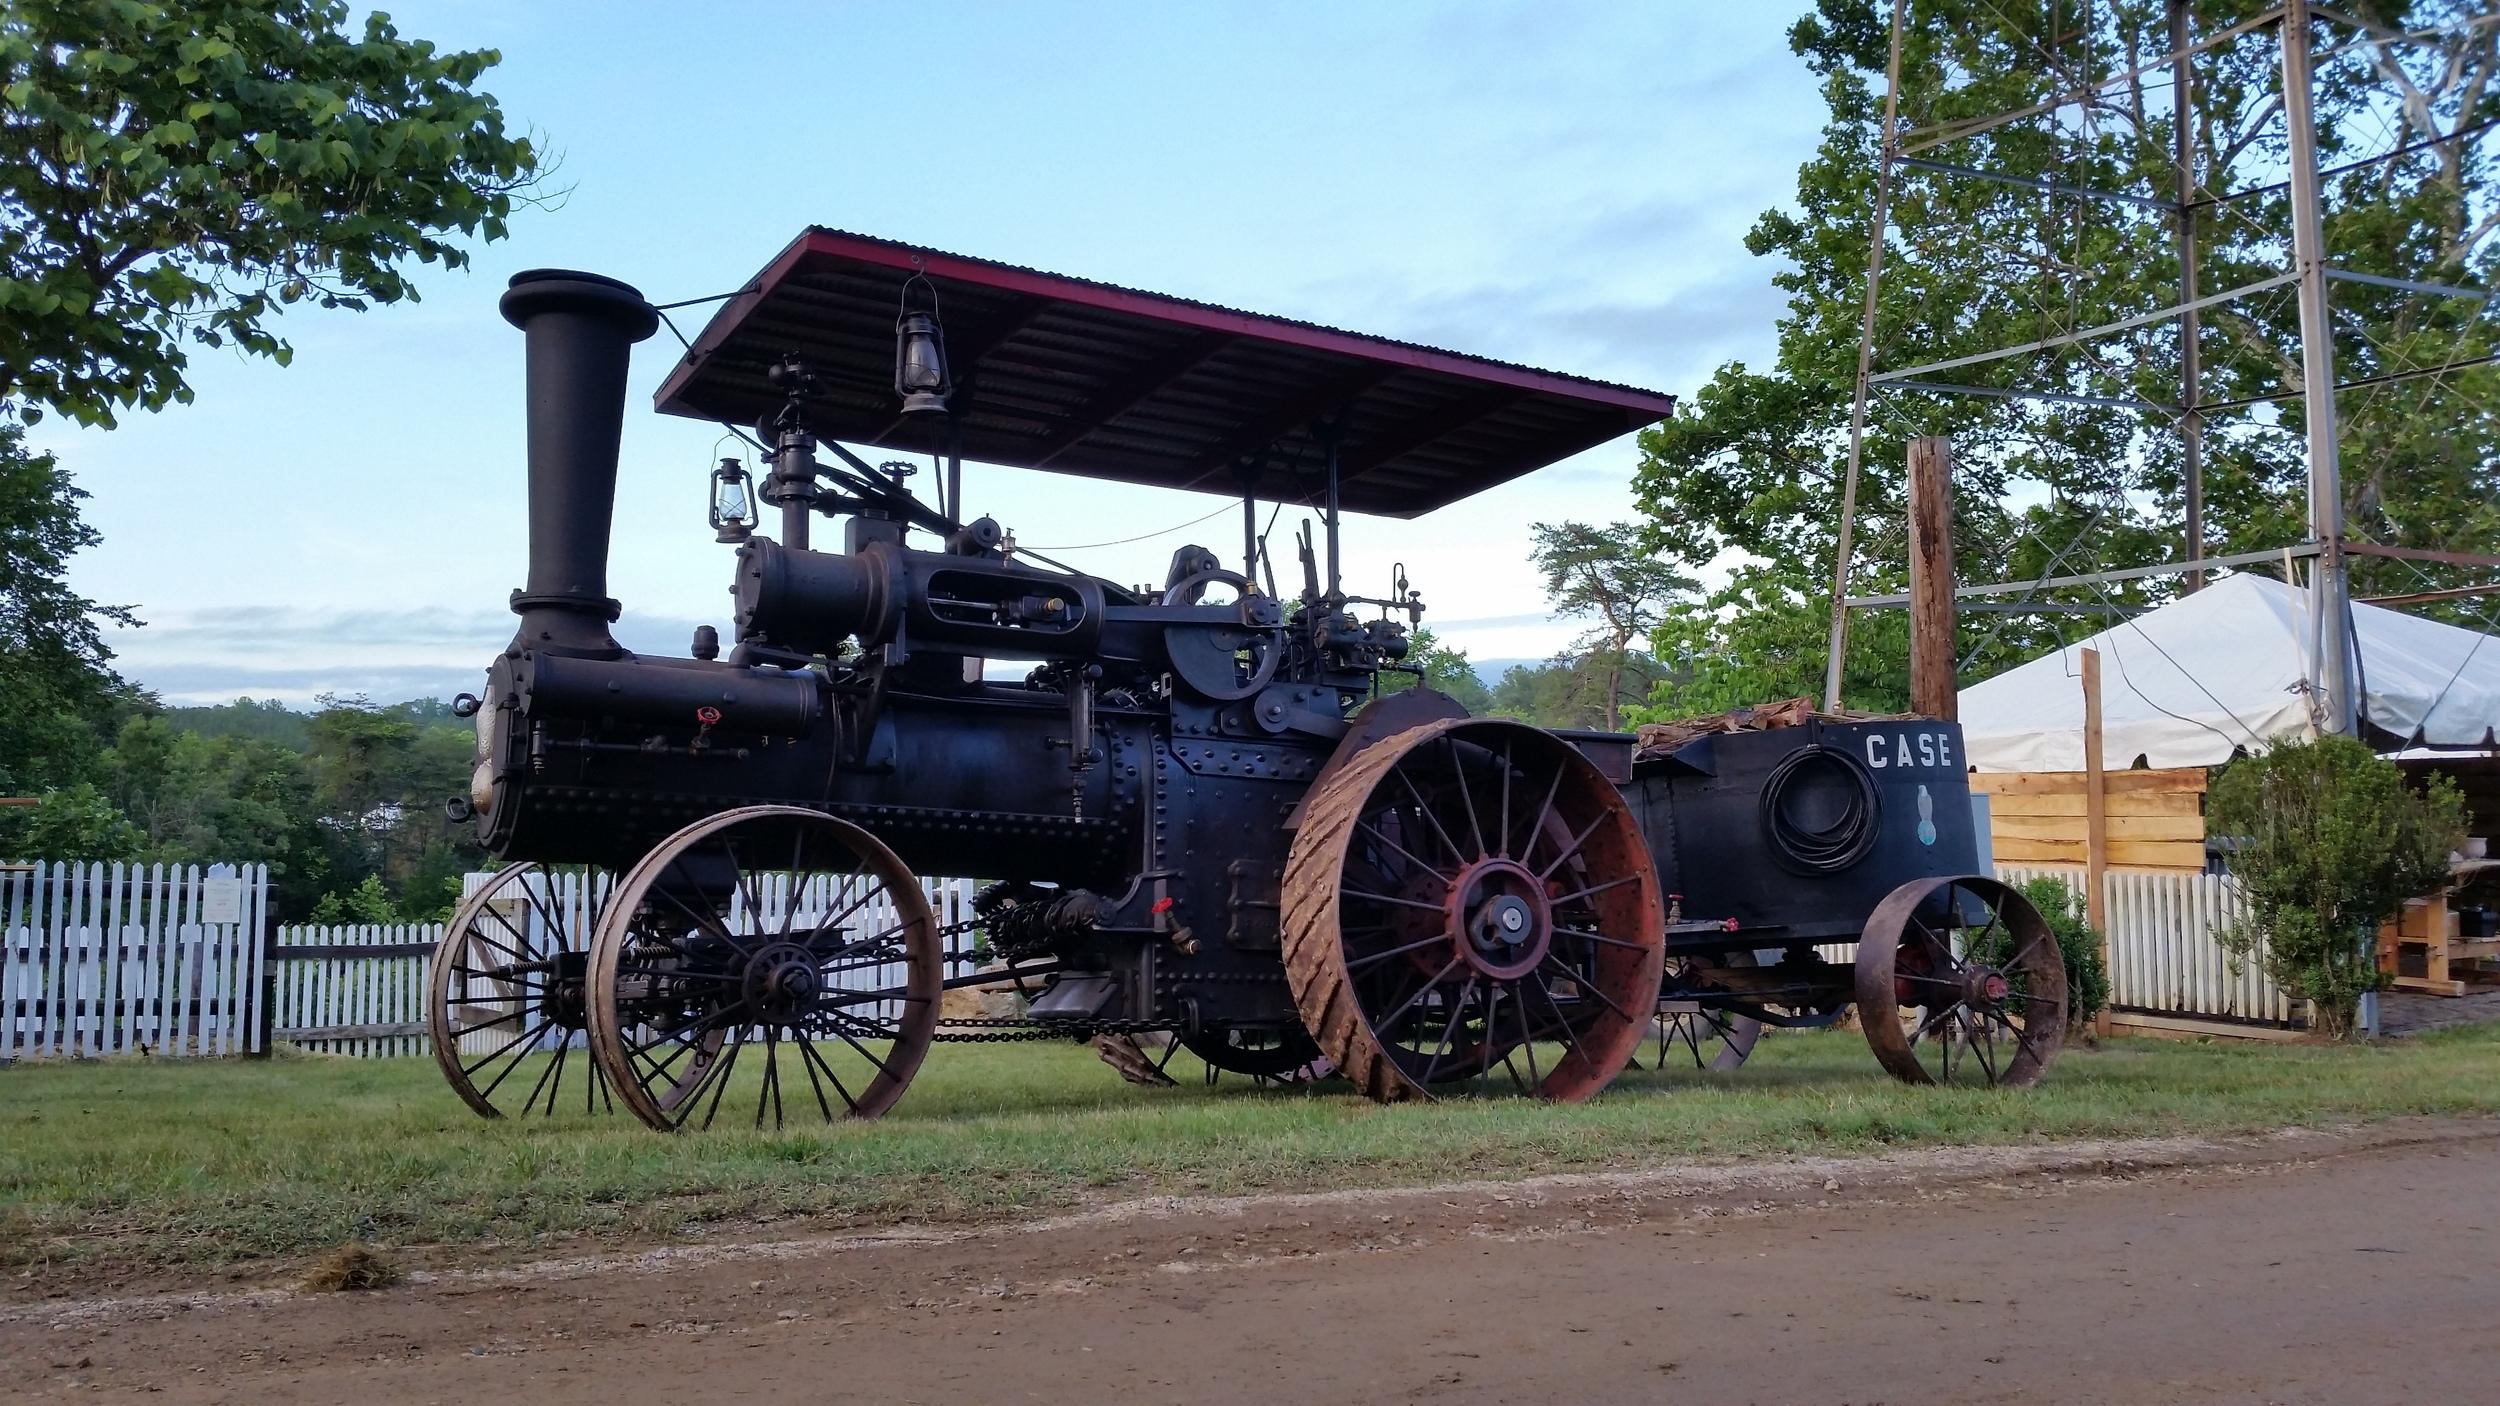 1903-Case-steam-tractor.jpg